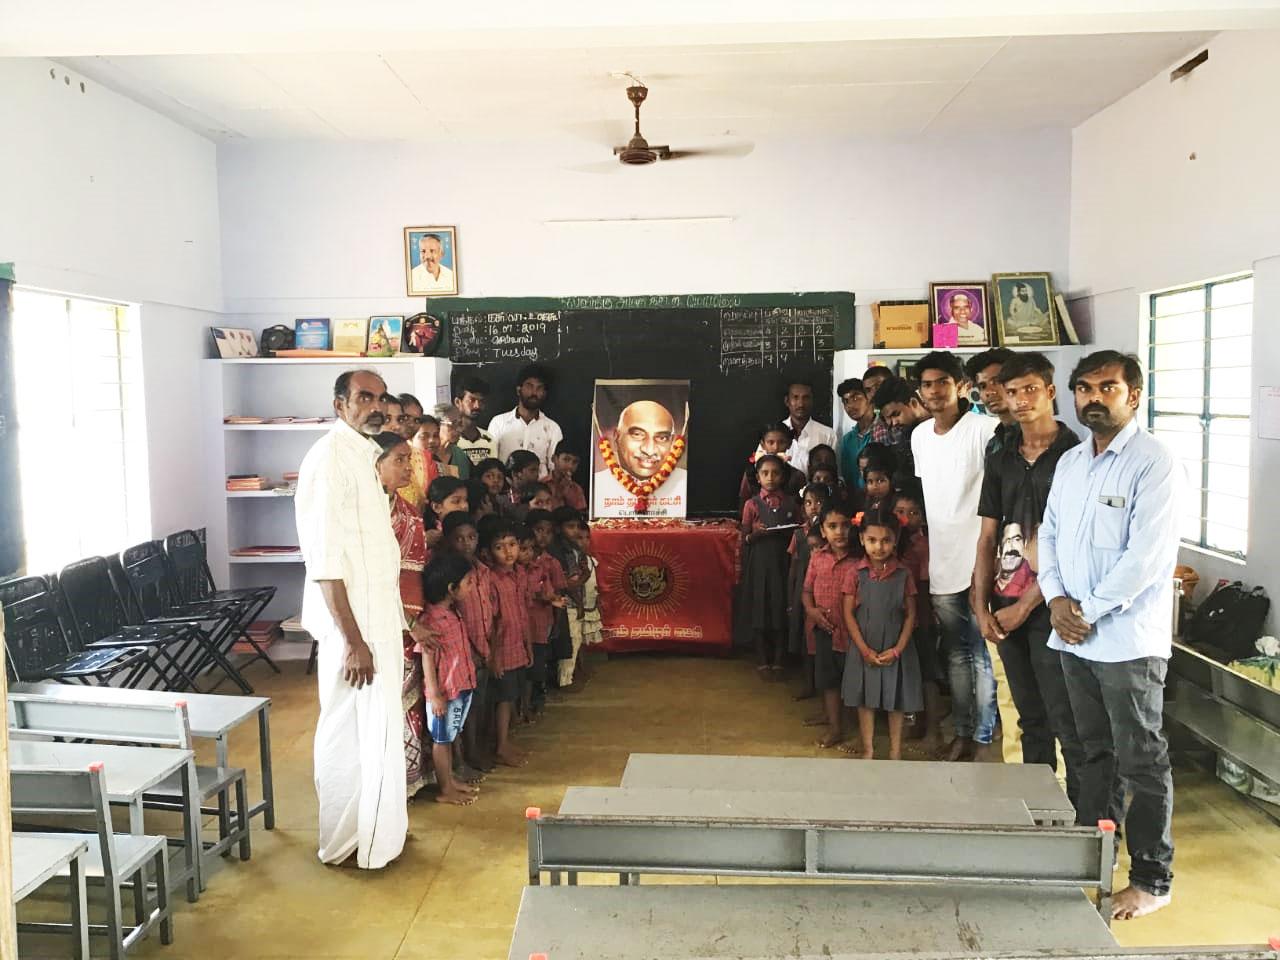 காமராசர் பிறந்த நாள் விழா-பள்ளி குழந்தைகளுக்கு பரிசு வழங்கும் நிகழ்வு